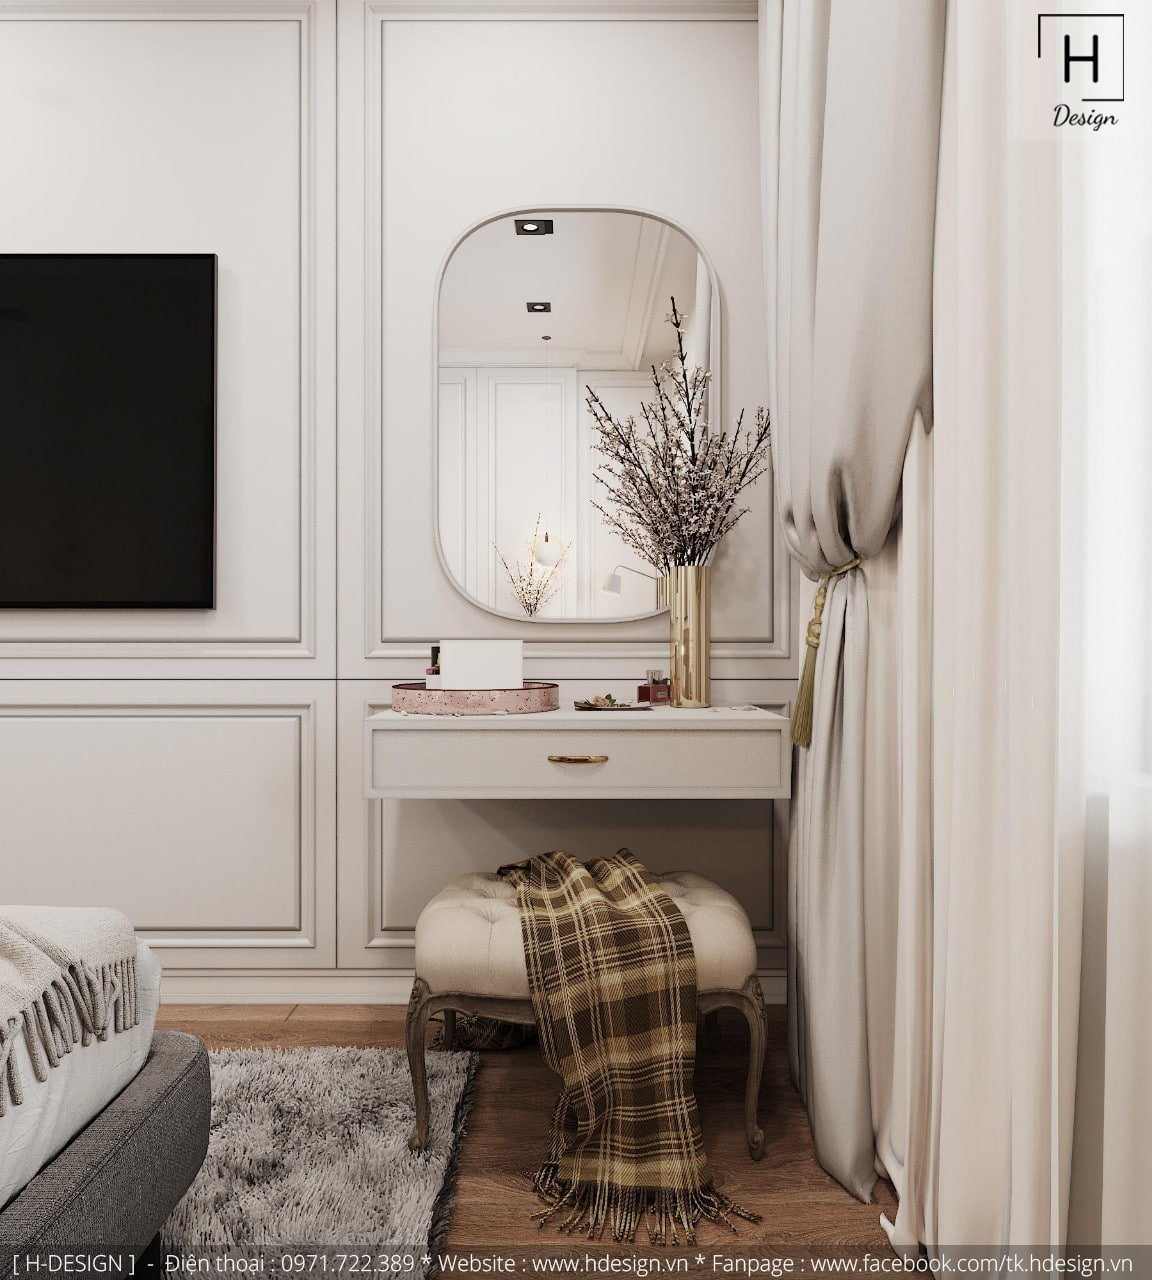 Thiết kế thi công nội thất đẹp cho căn hộ chung cư 86m2 -09